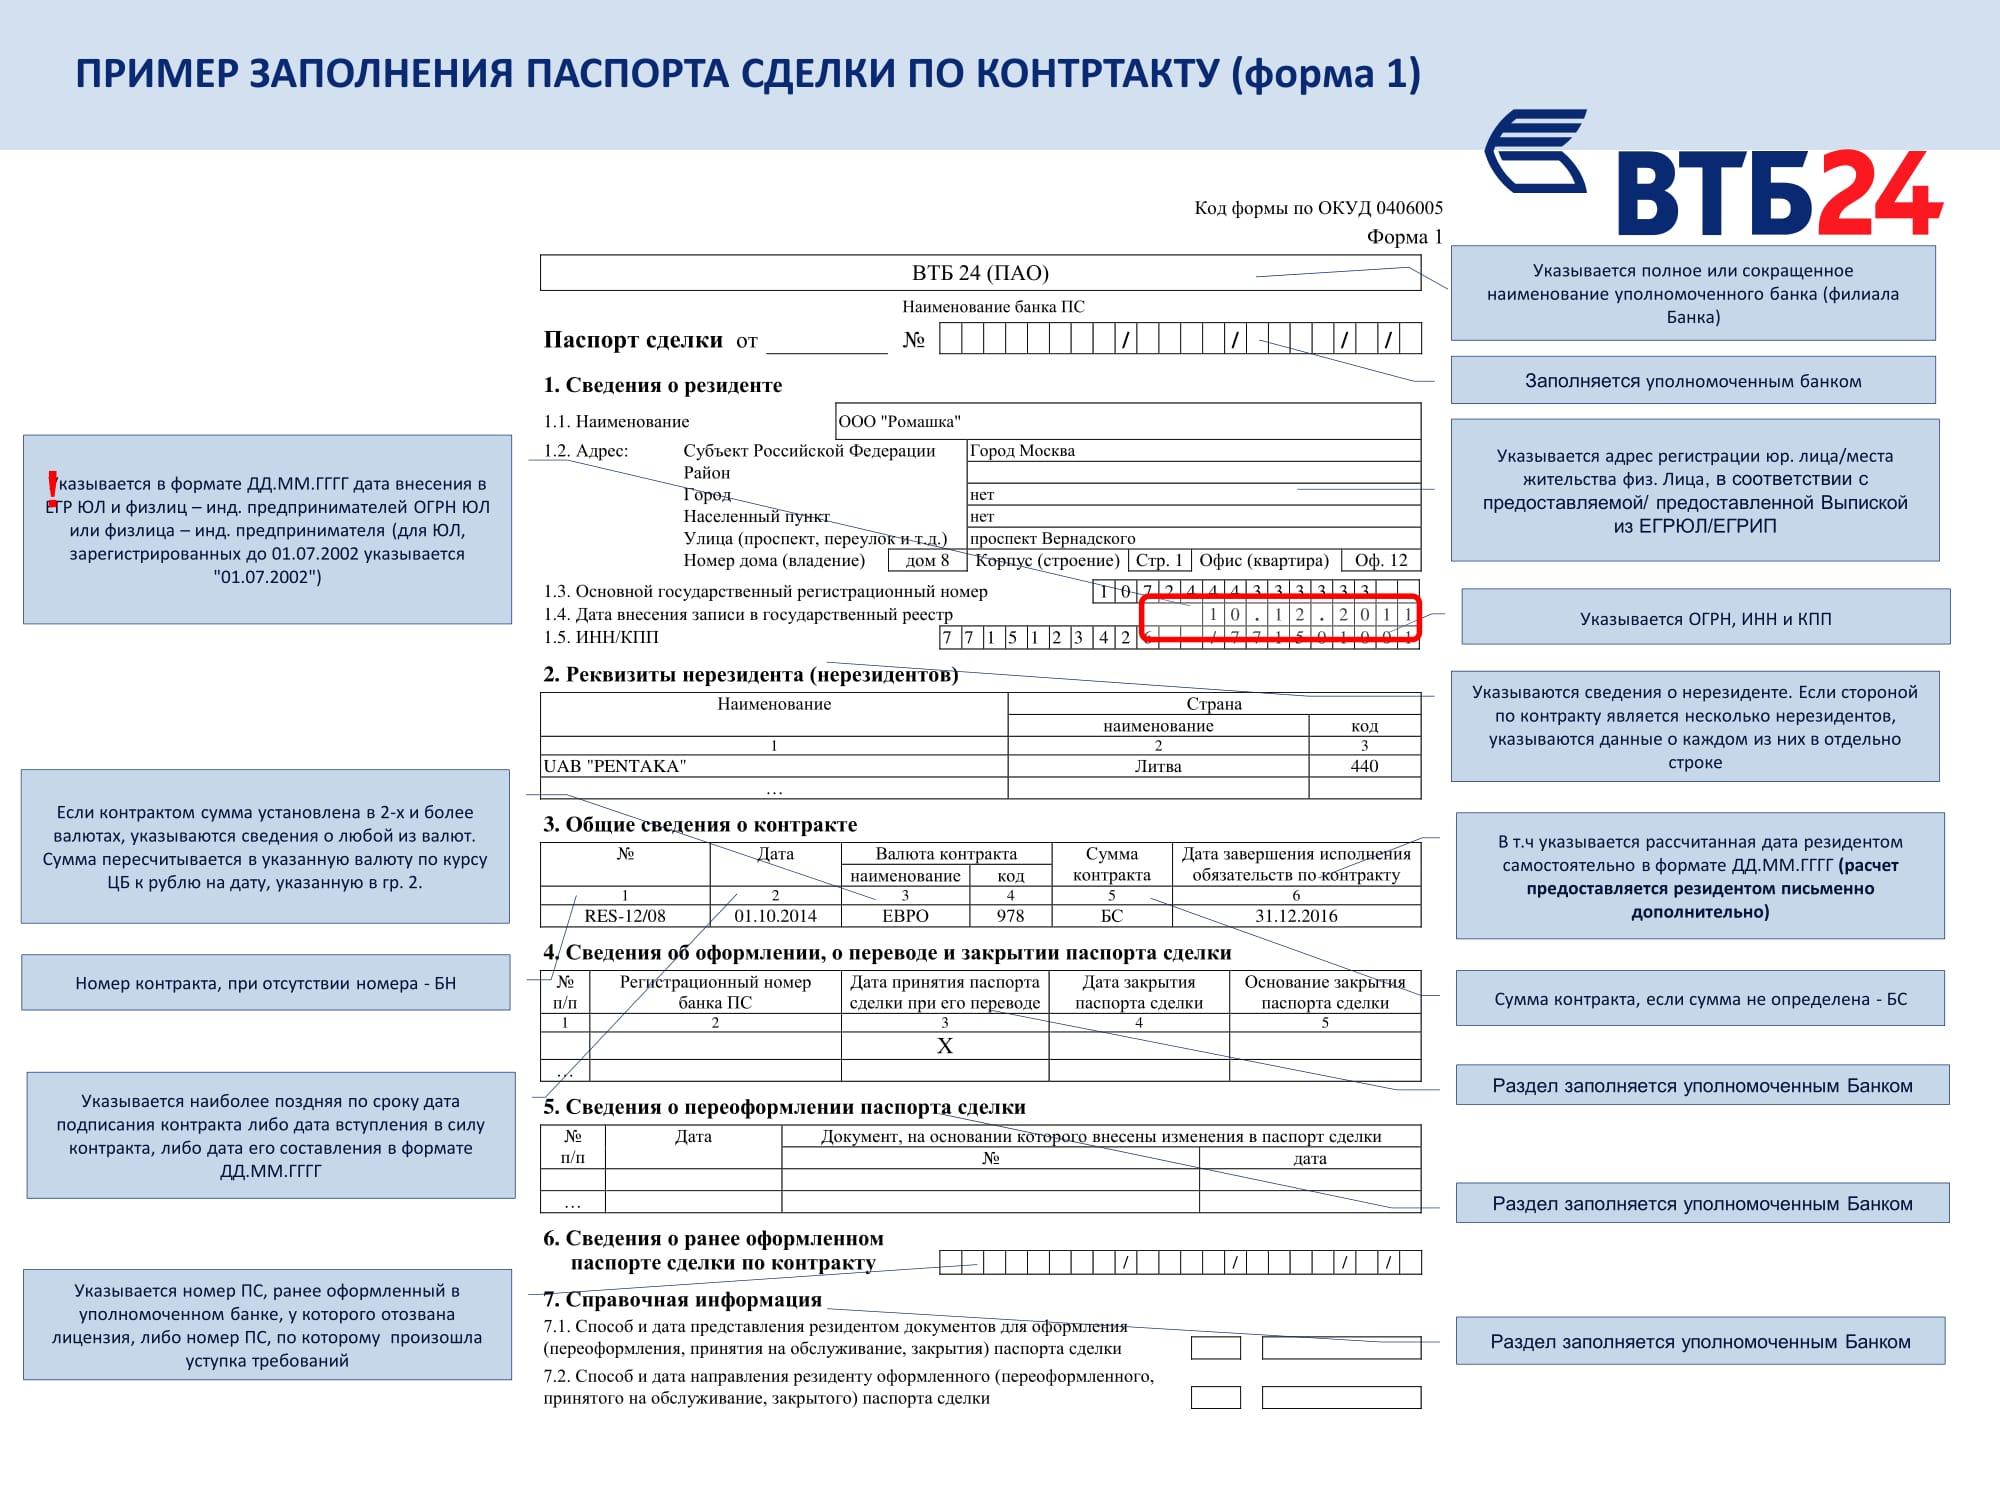 Как создать паспорт сделки по контракту (138-и) в сбербанк бизнес.